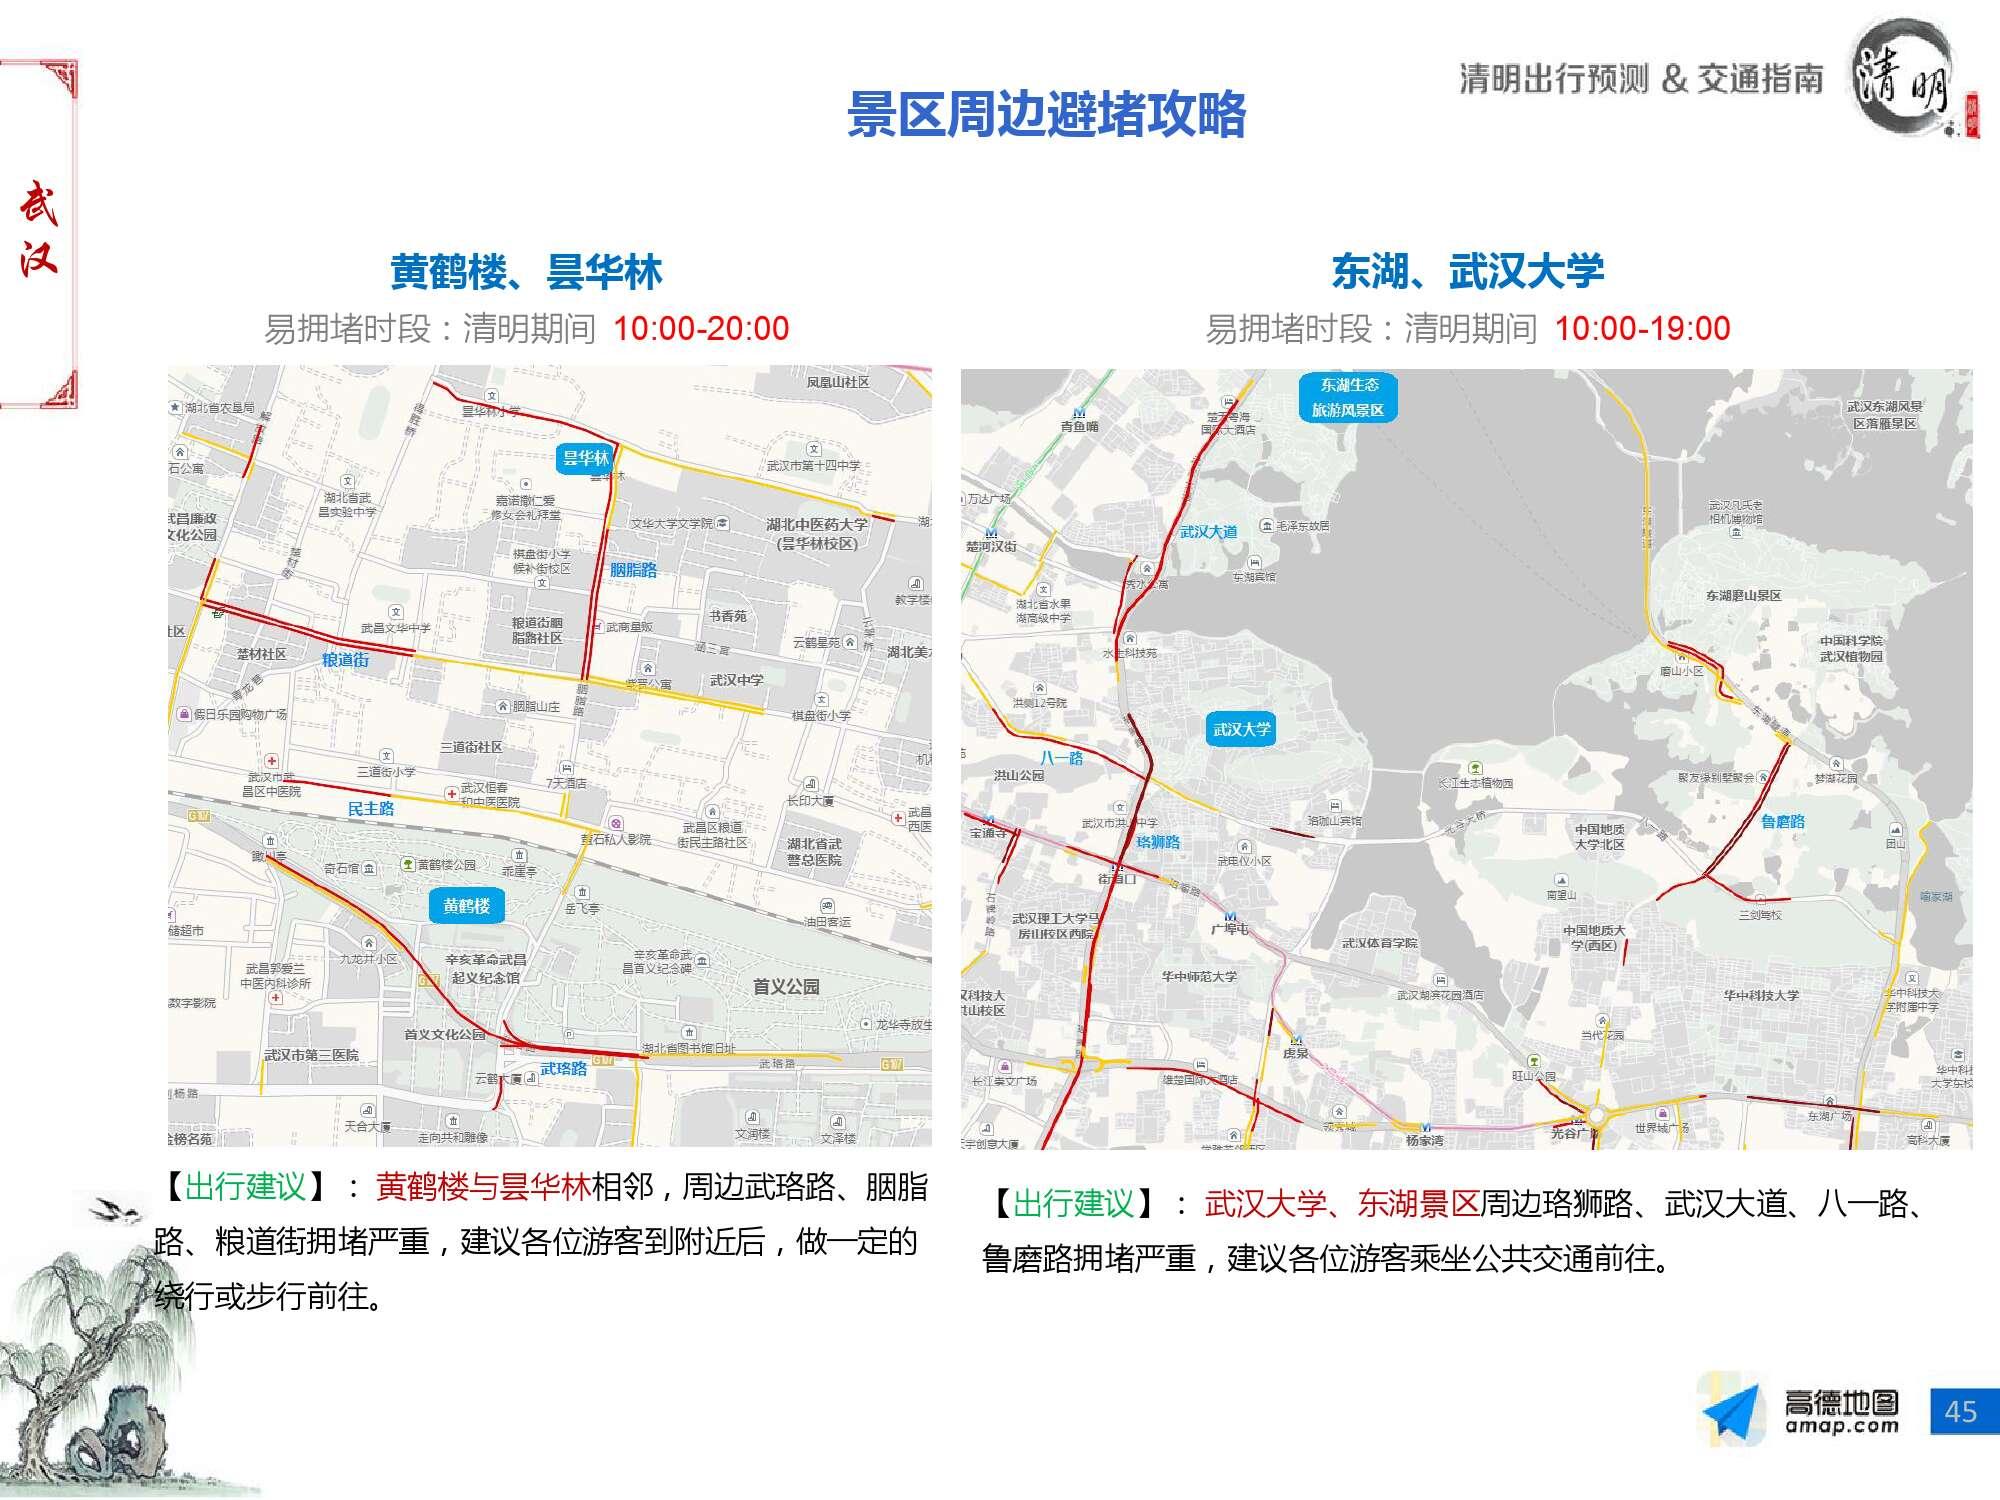 2016年清明节出行预测报告-final_000045